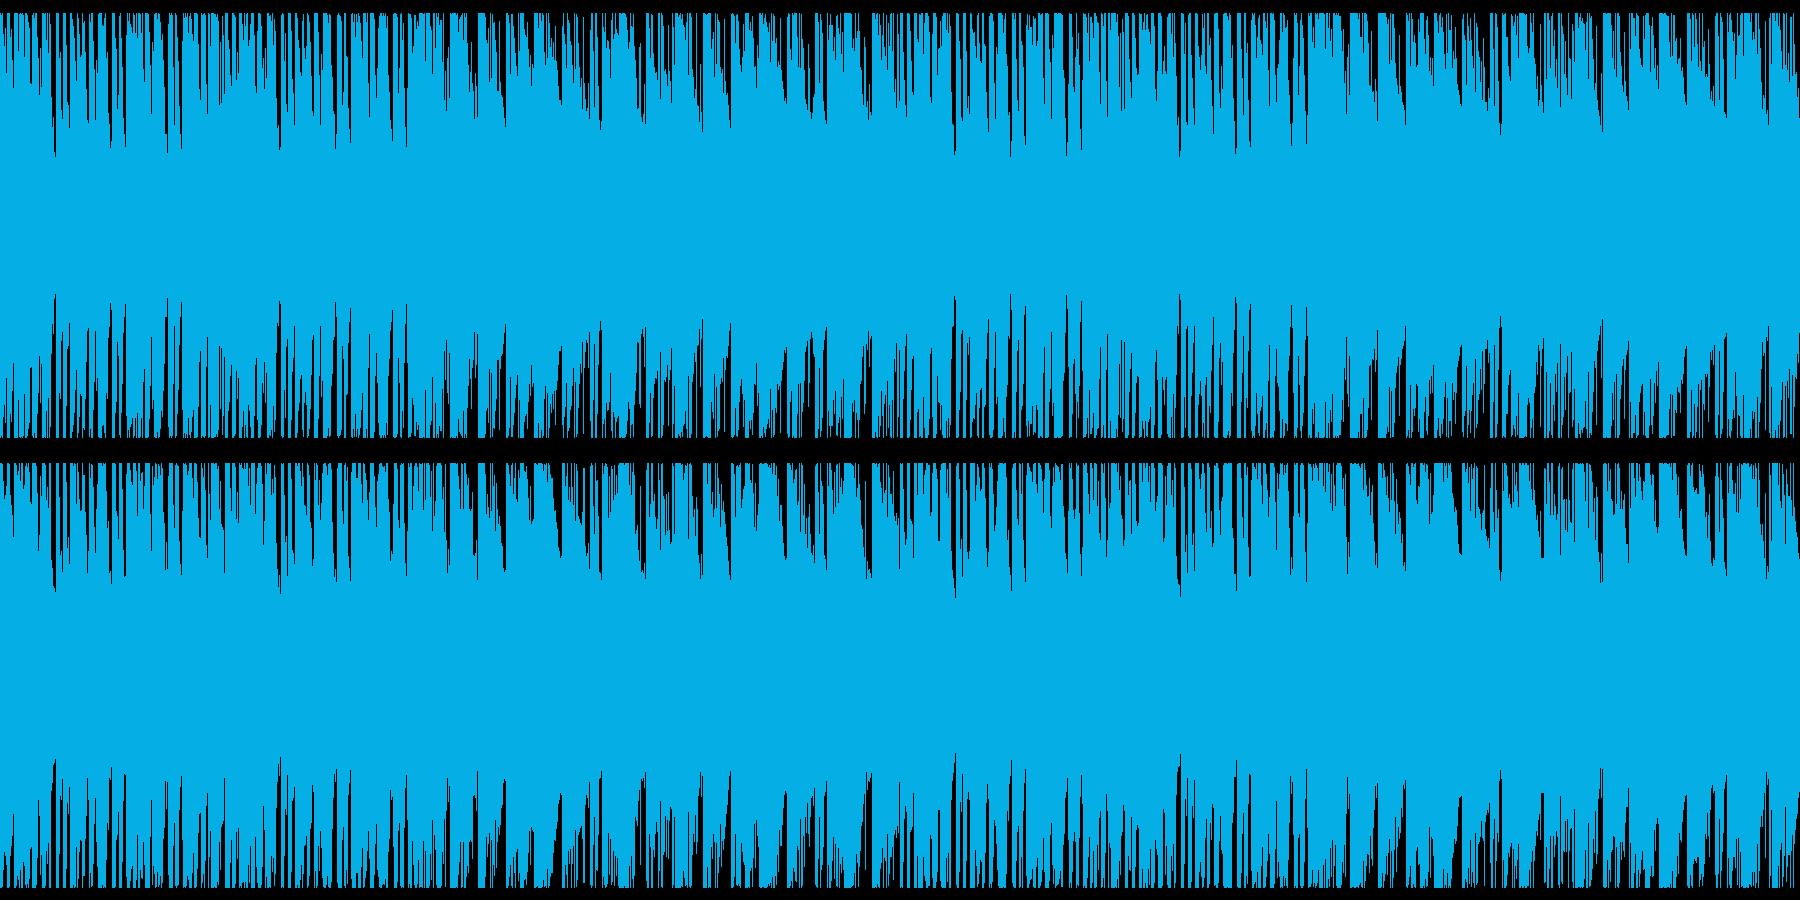 クリスマス・冬にピッタリの日常BGMの再生済みの波形